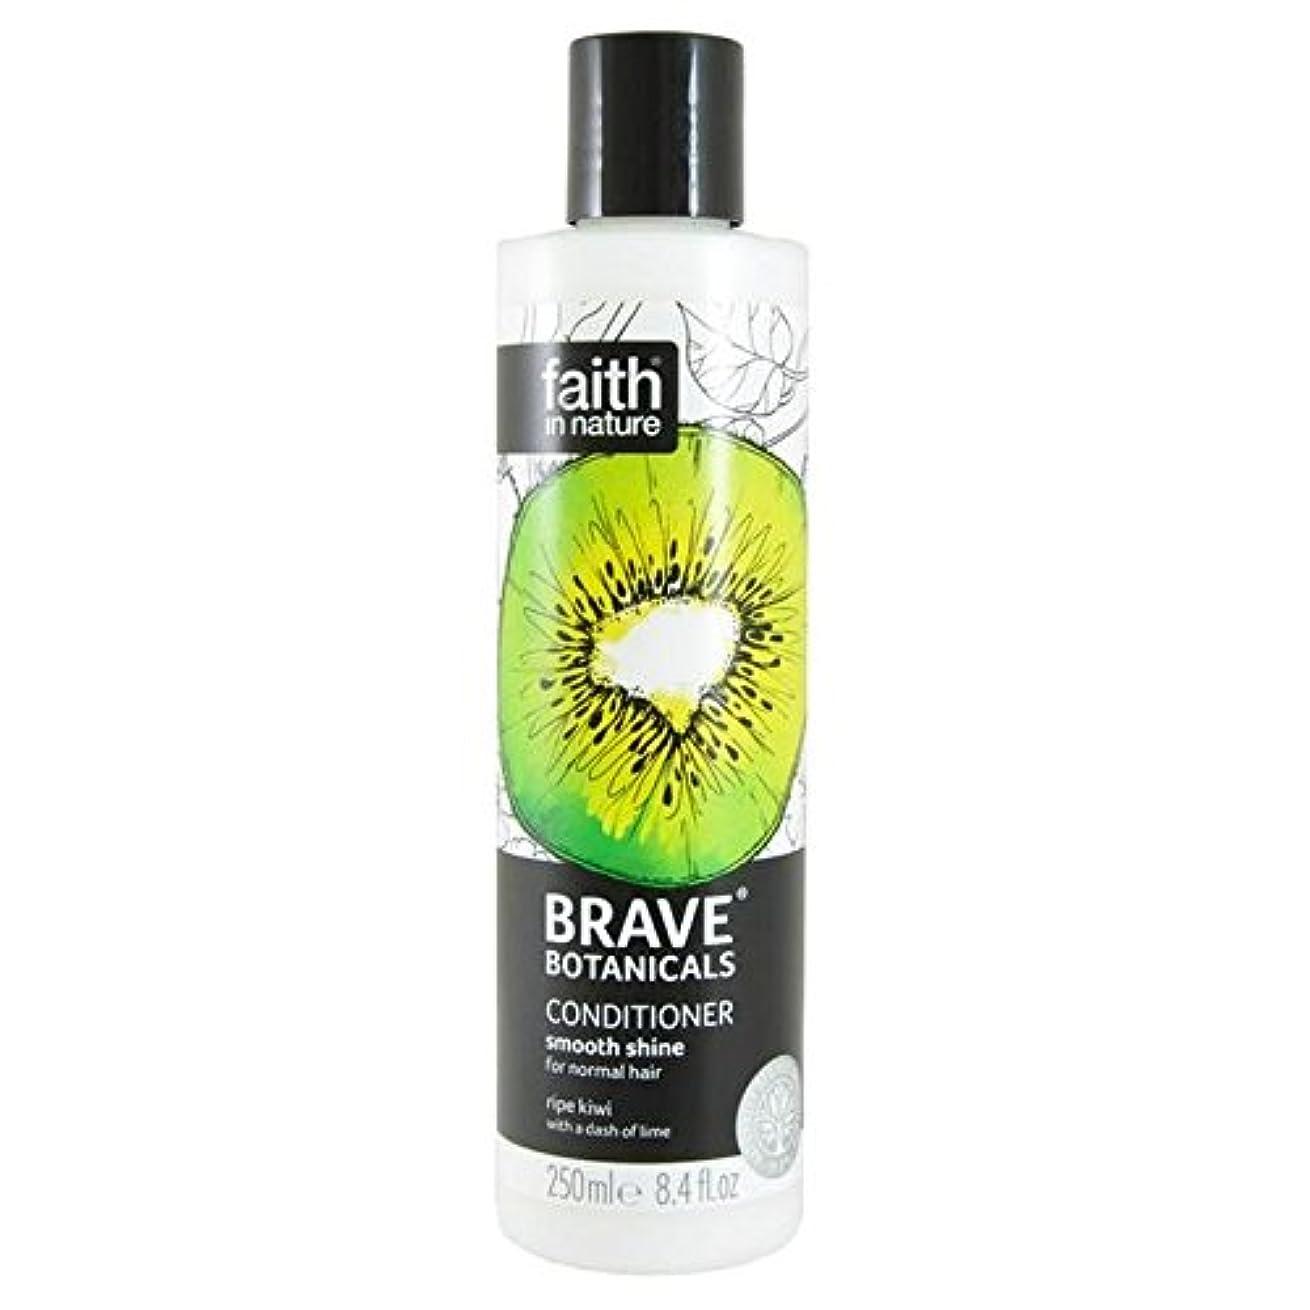 アストロラーベ常識描写Brave Botanicals Kiwi & Lime Smooth Shine Conditioner 250ml (Pack of 6) - (Faith In Nature) 勇敢な植物キウイ&ライムなめらかな輝...